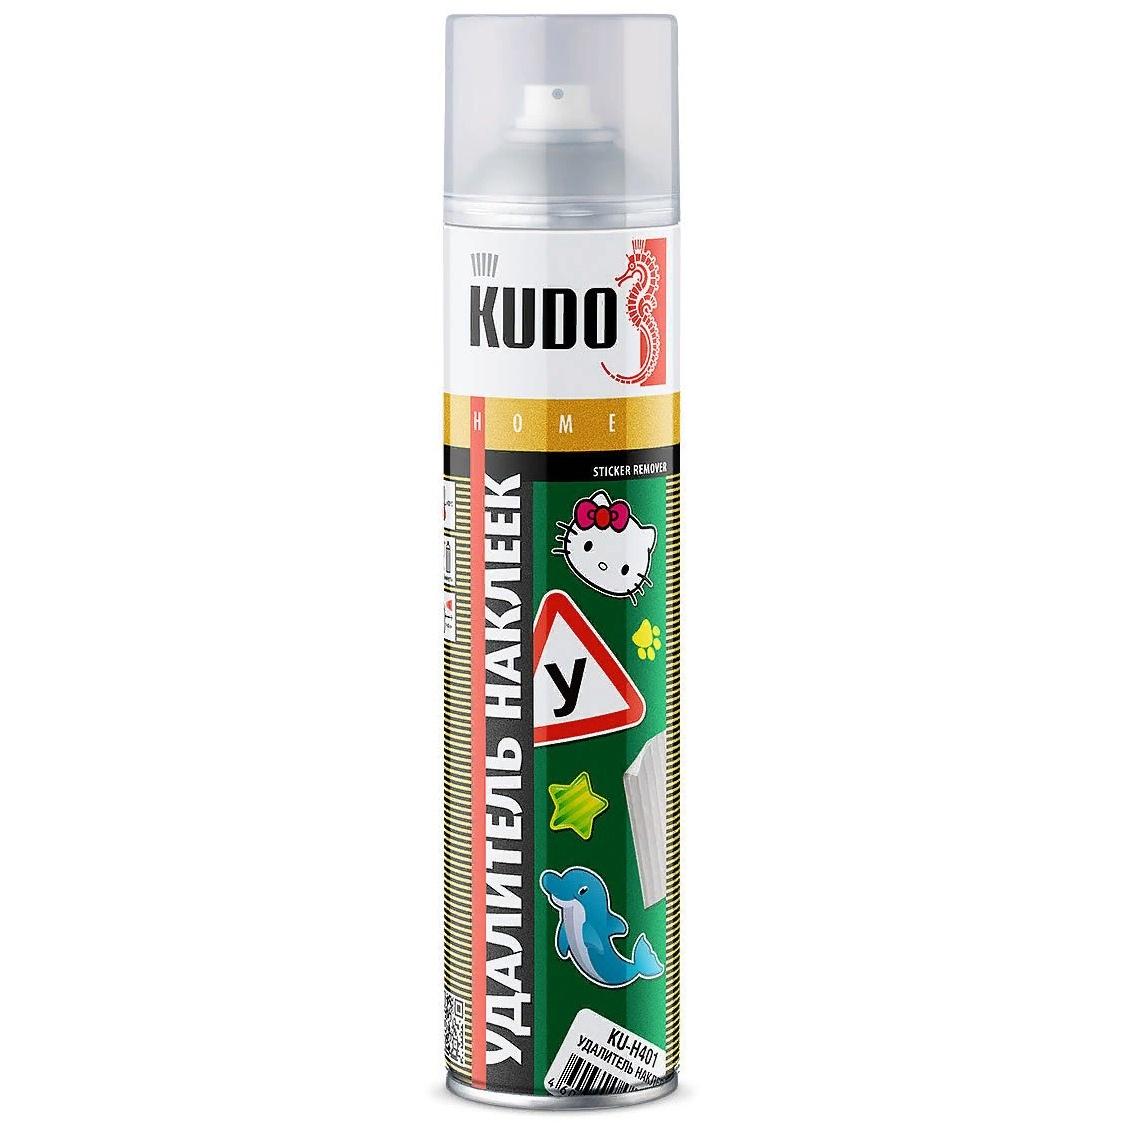 Очиститель кузова KUDO удалитель этикеток и наклеек, аэрозоль, 400мл очиститель аэрозоль двигателя felix 400мл